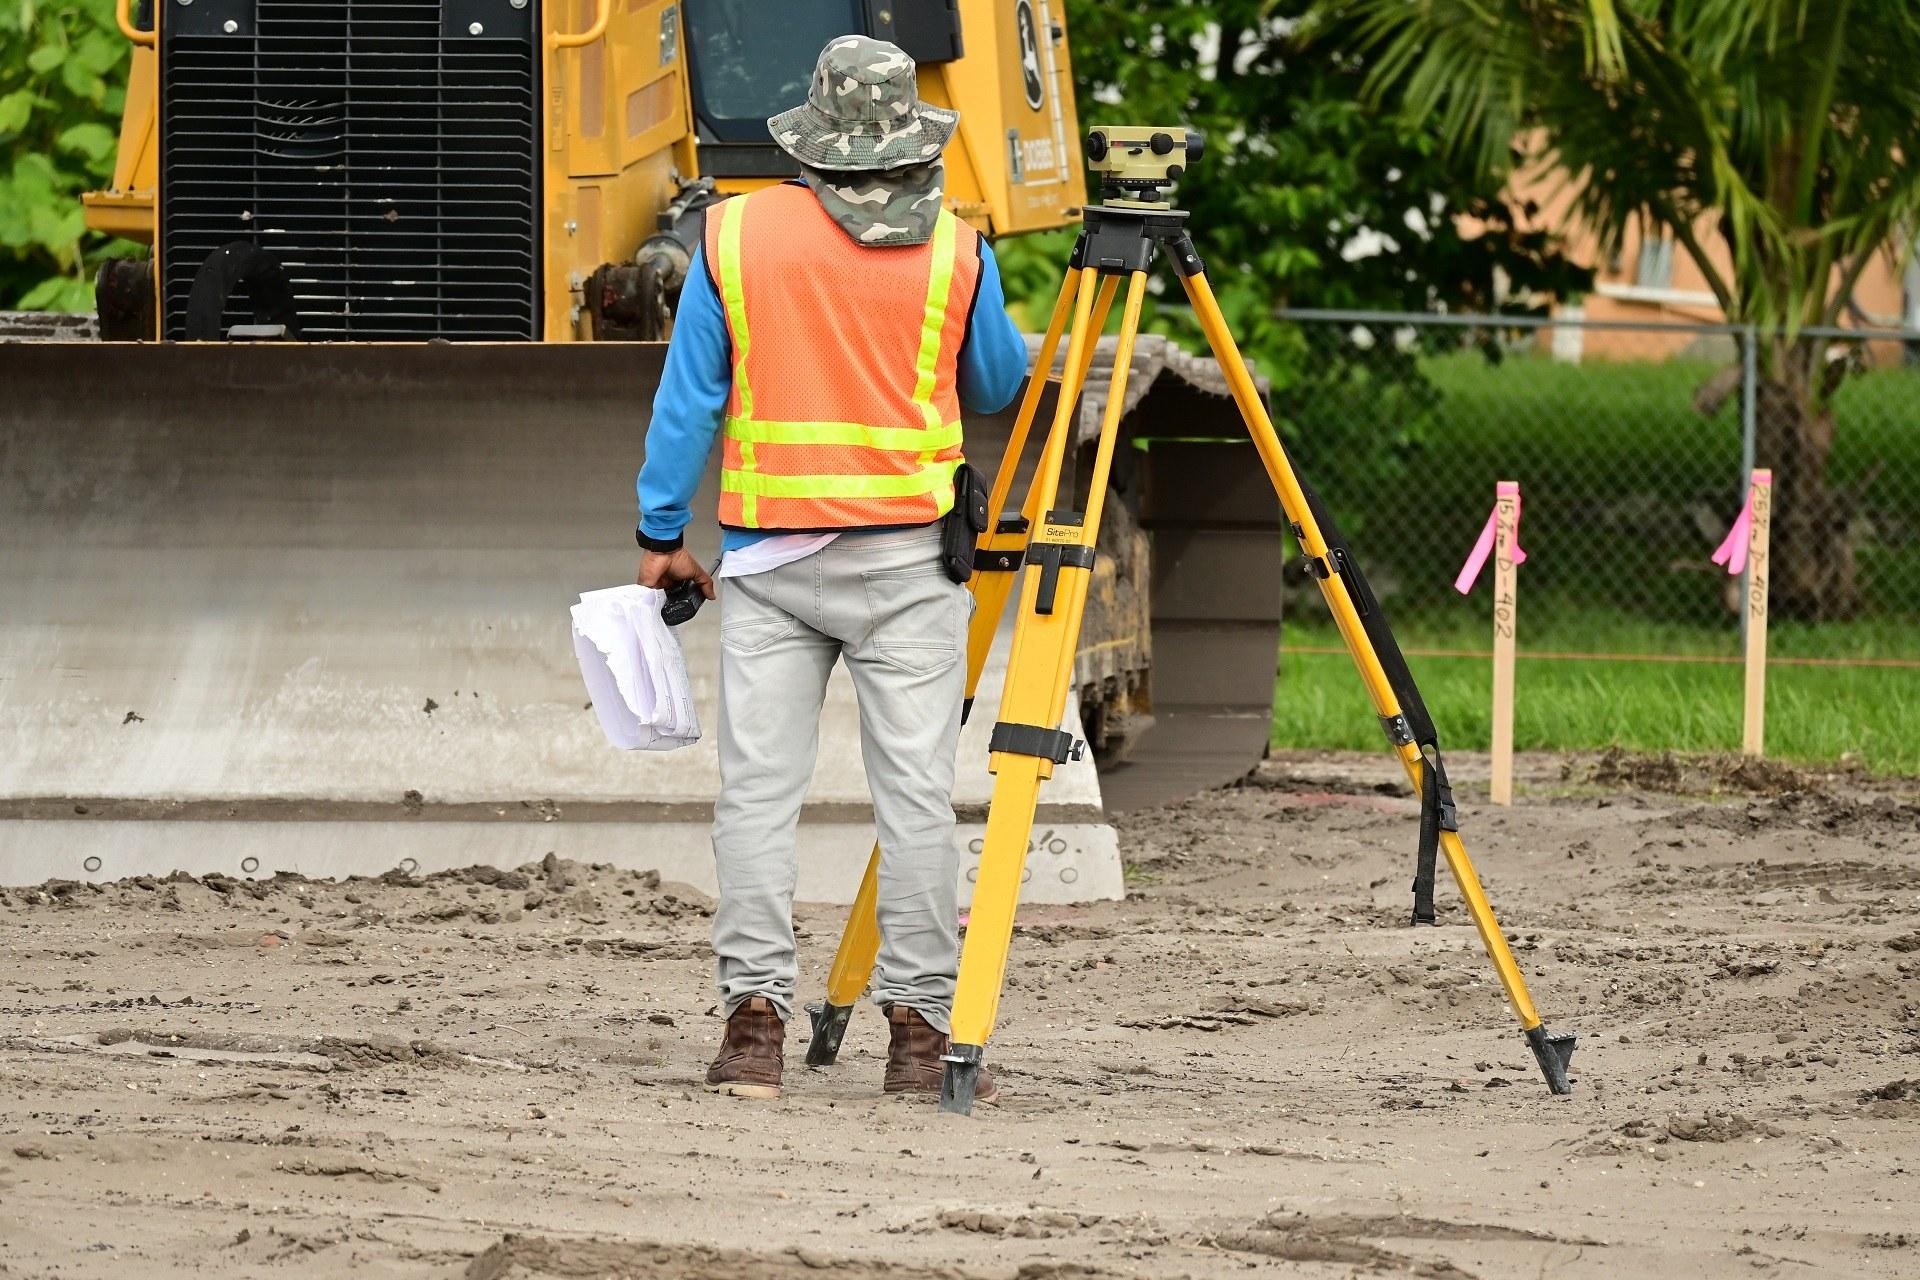 Baustellenüberwachung, Baustellenbewachung Offenbach am Main, Sicherheitsdienst Baustelle